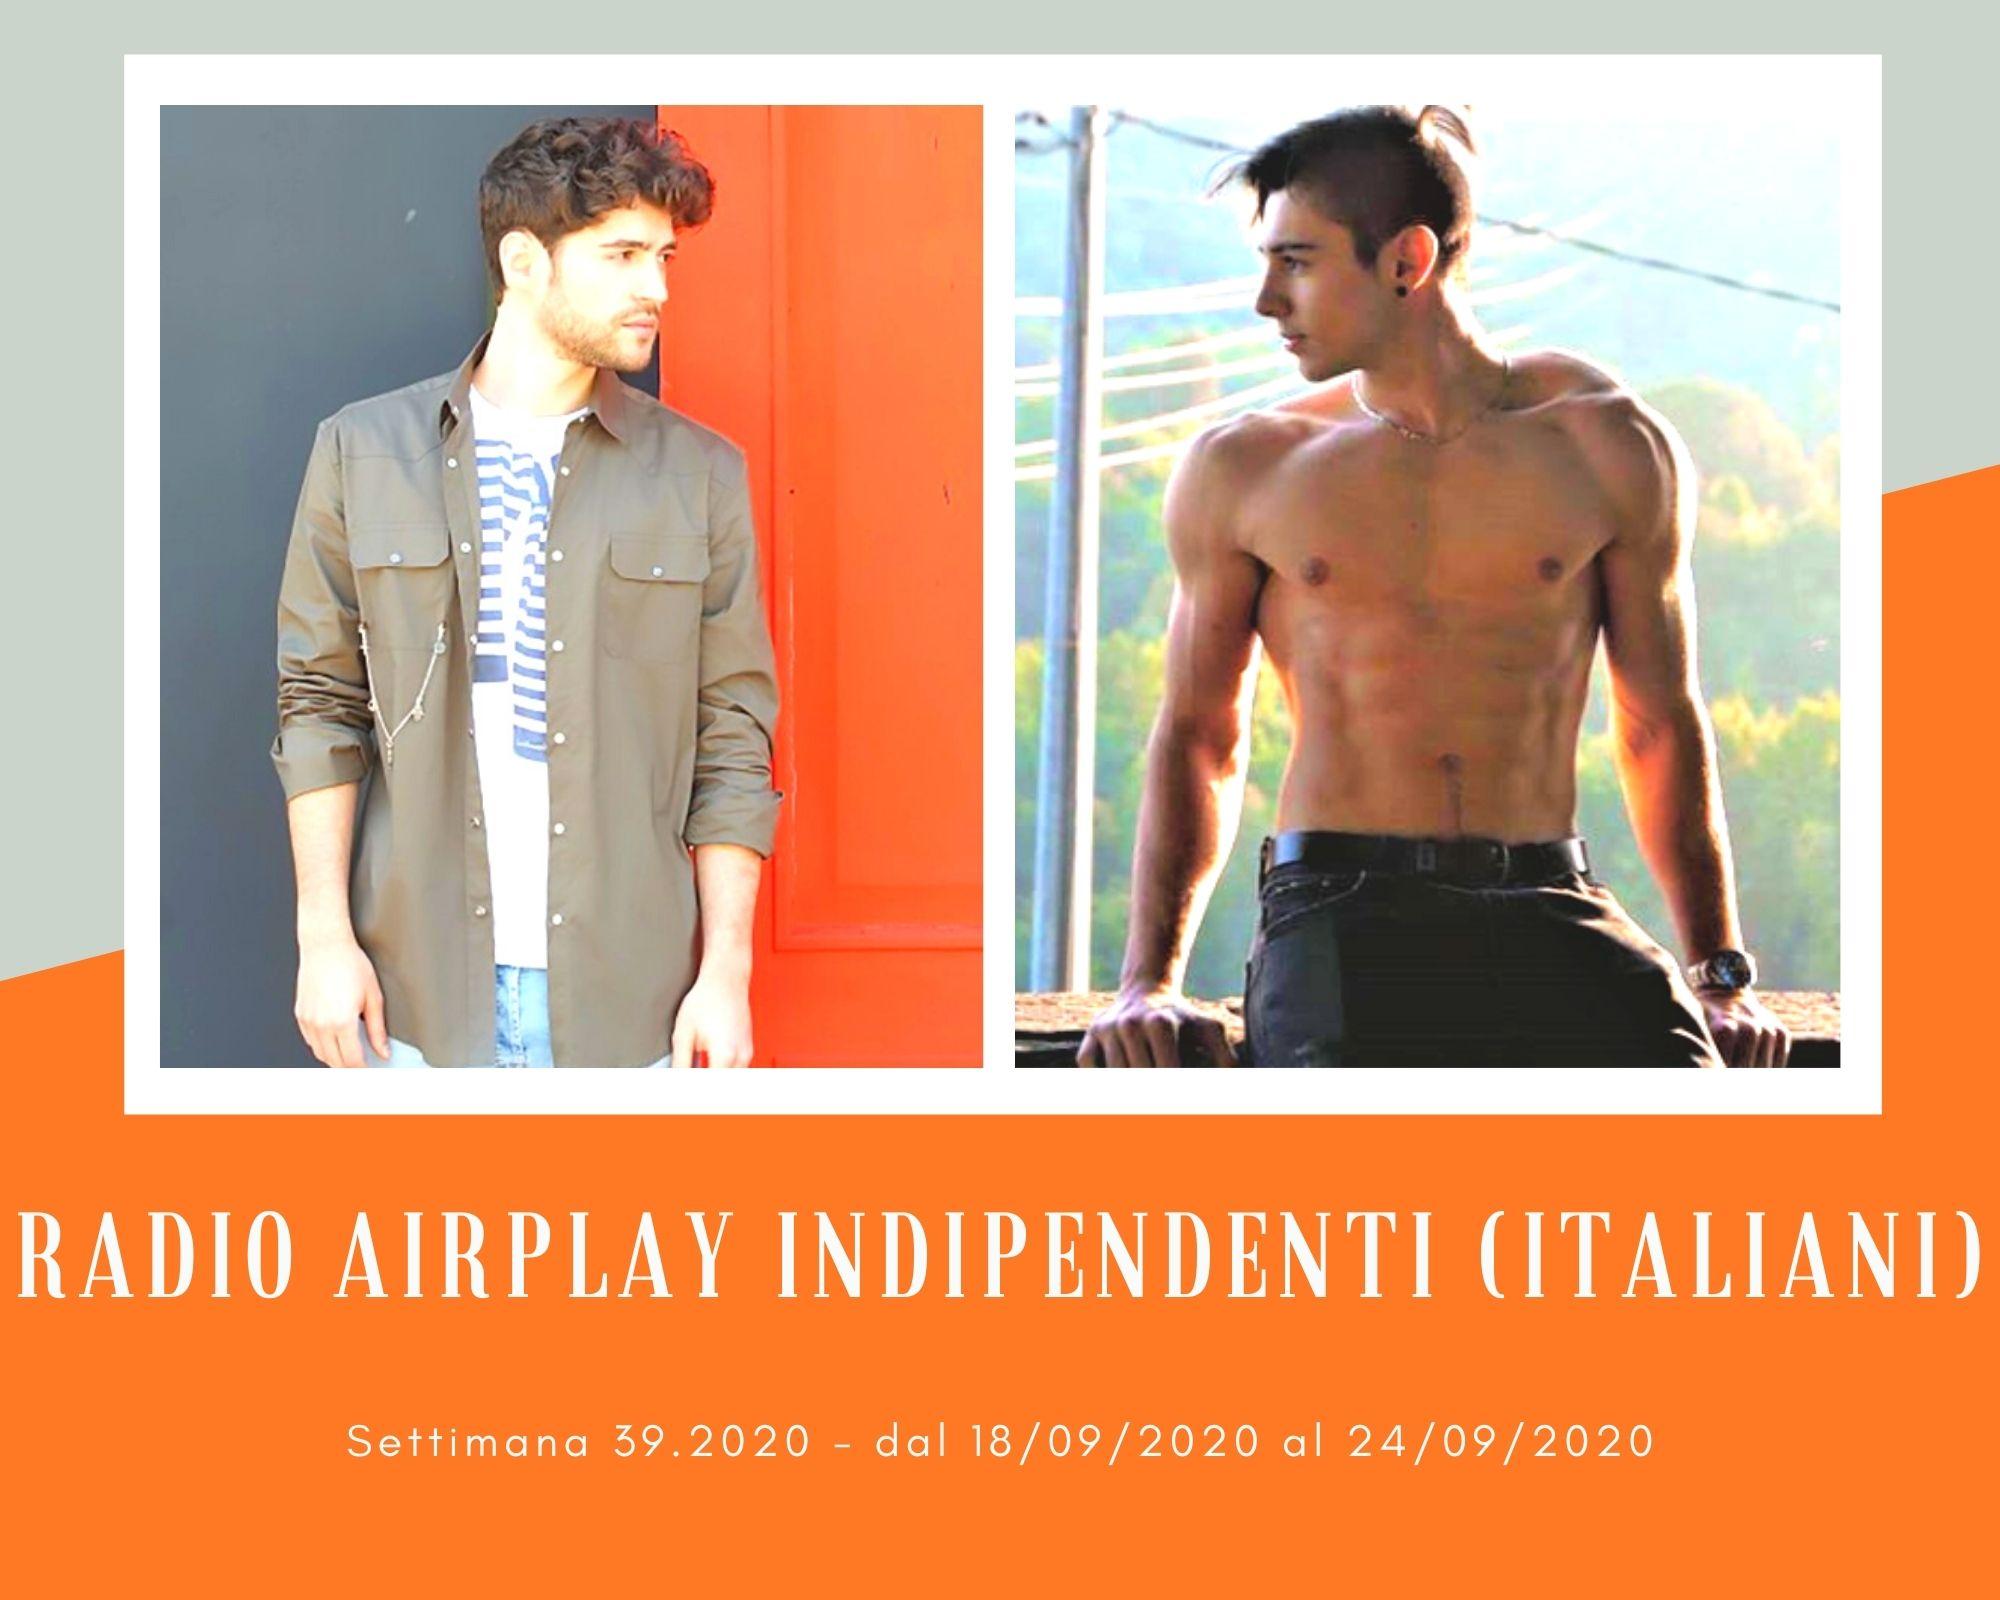 Classifica Radio Airplay Indipendenti Italiani, week 39: Recidivo più su, Diodato scende, Nearco e Matteo Faustini entrano